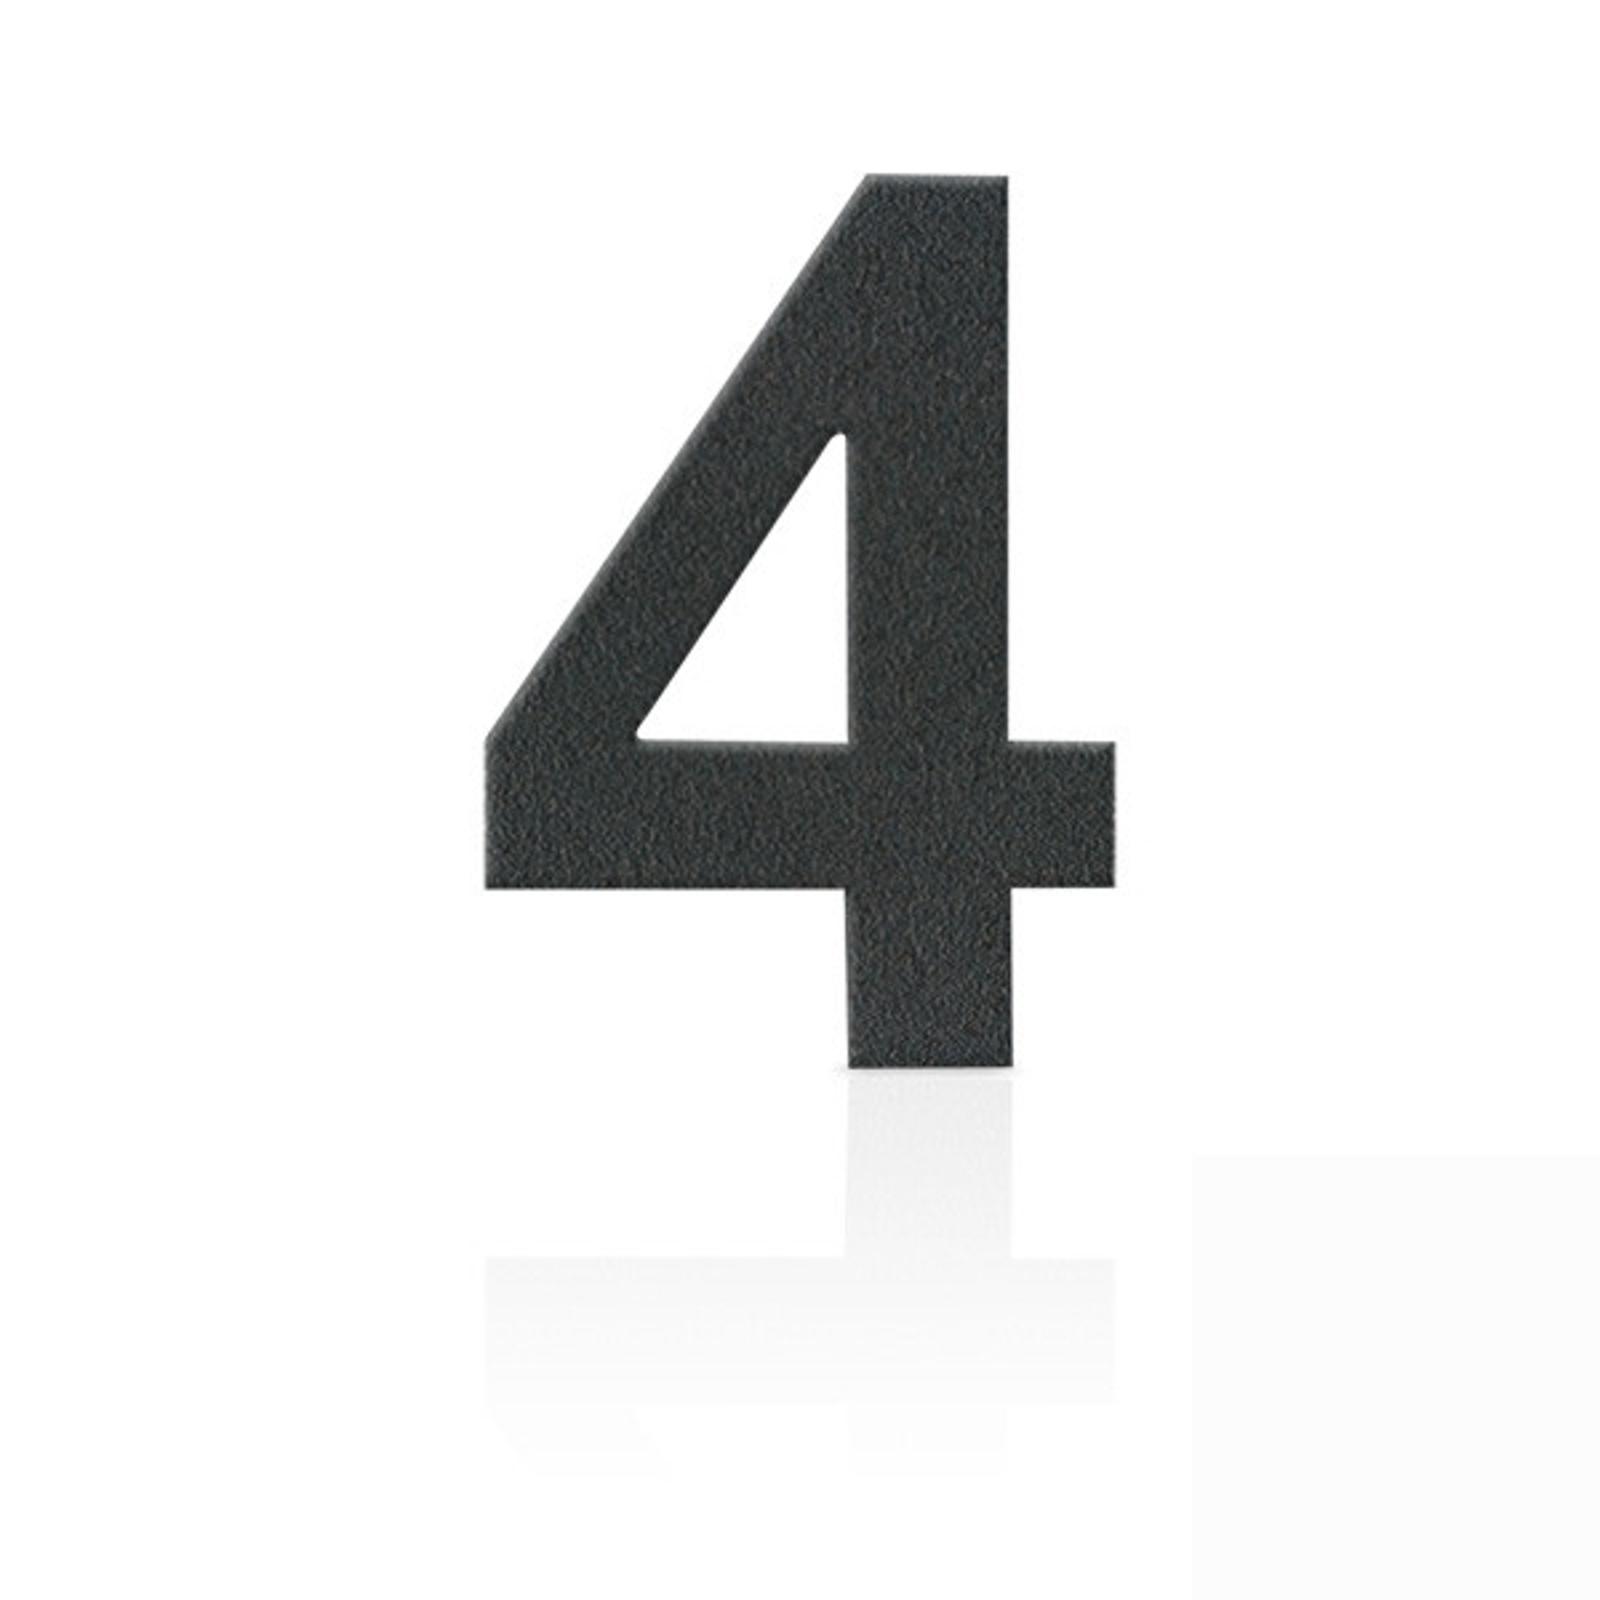 Produktové foto Heibi Nerezová domovní čísla číslice 4, grafit šedý